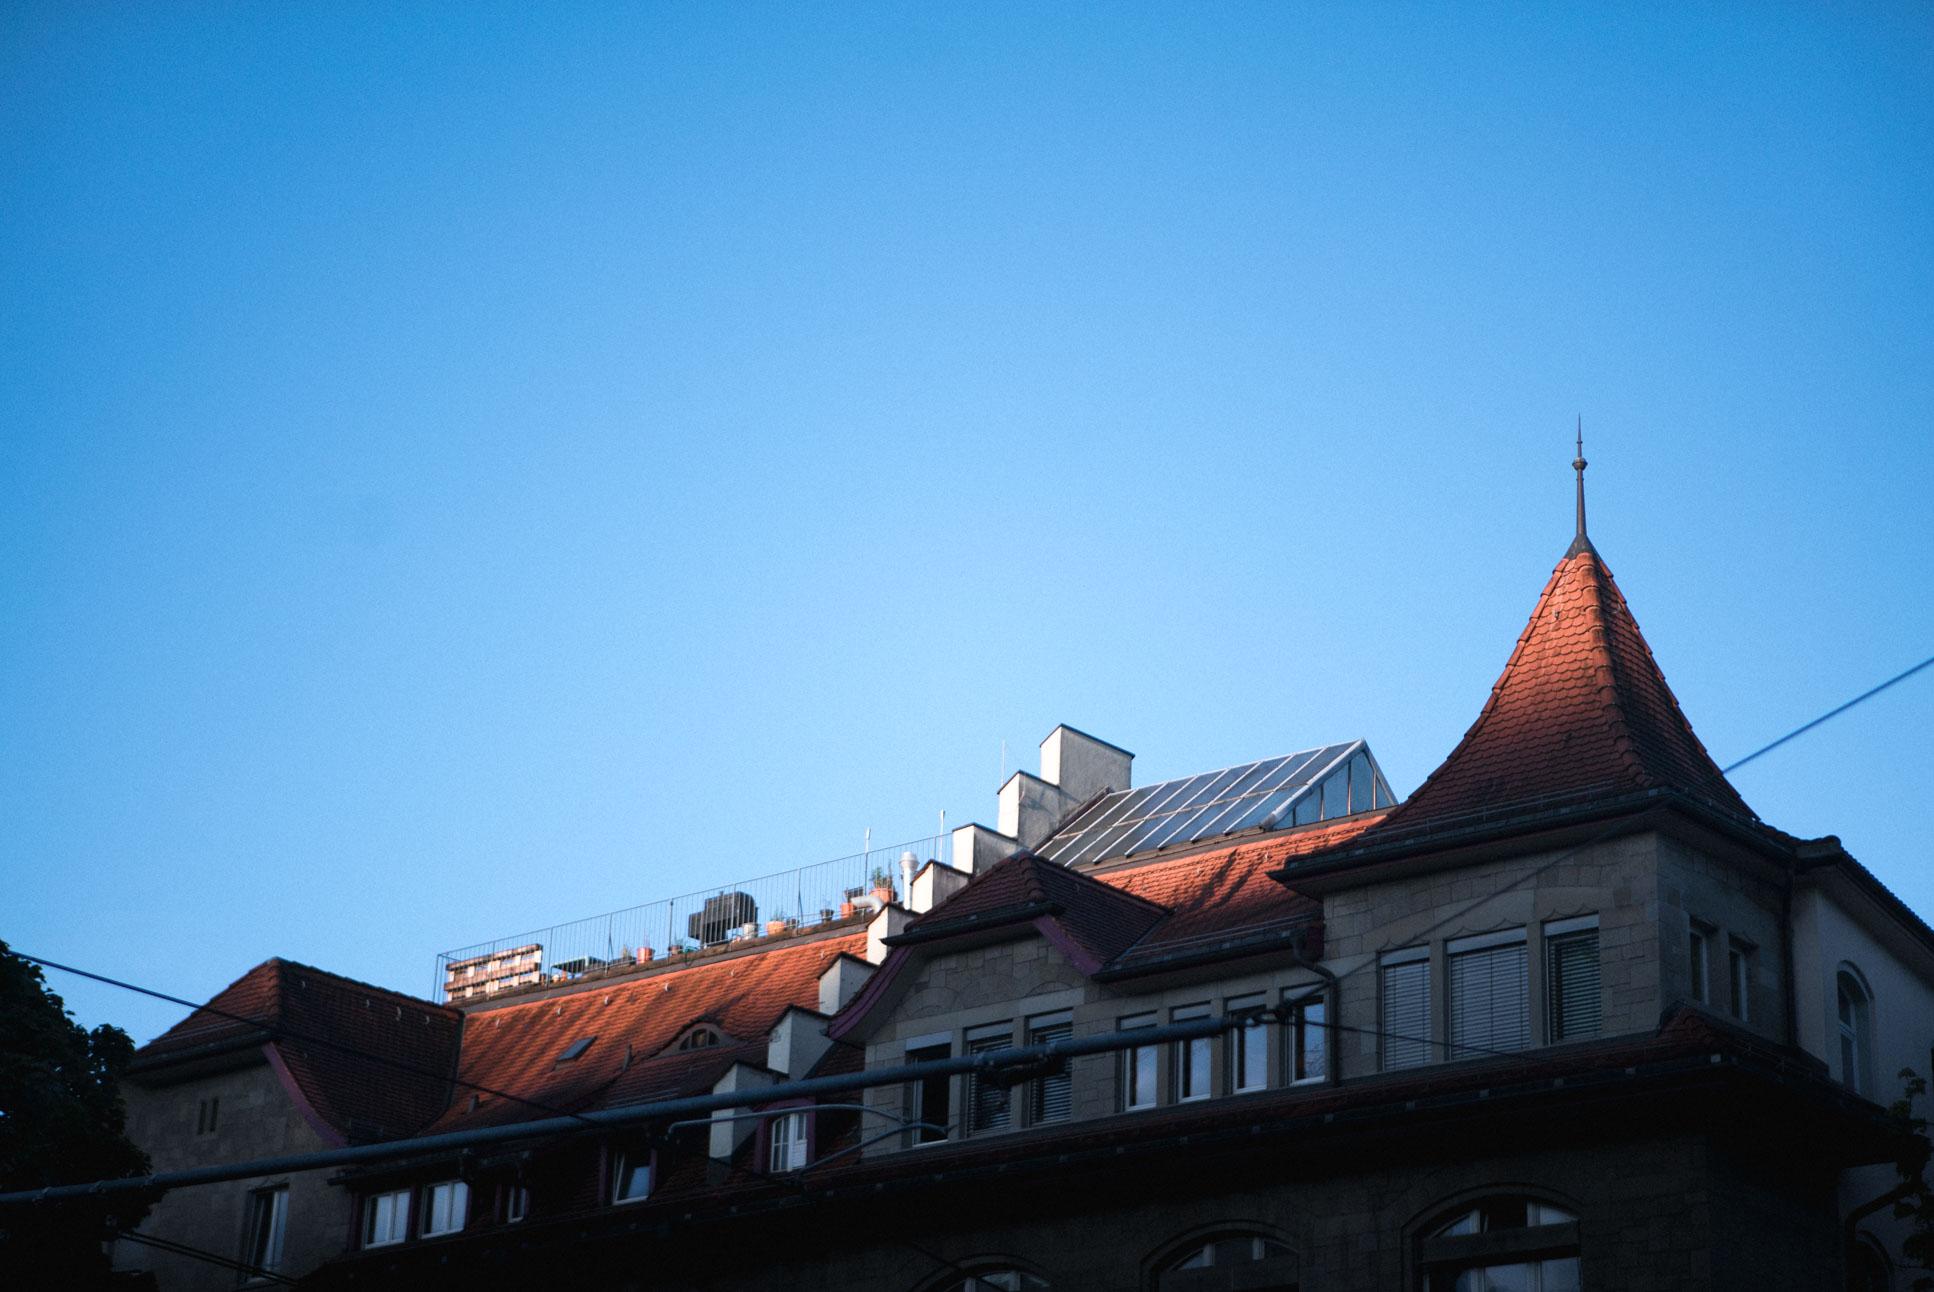 Near Haldenegg, Zürich